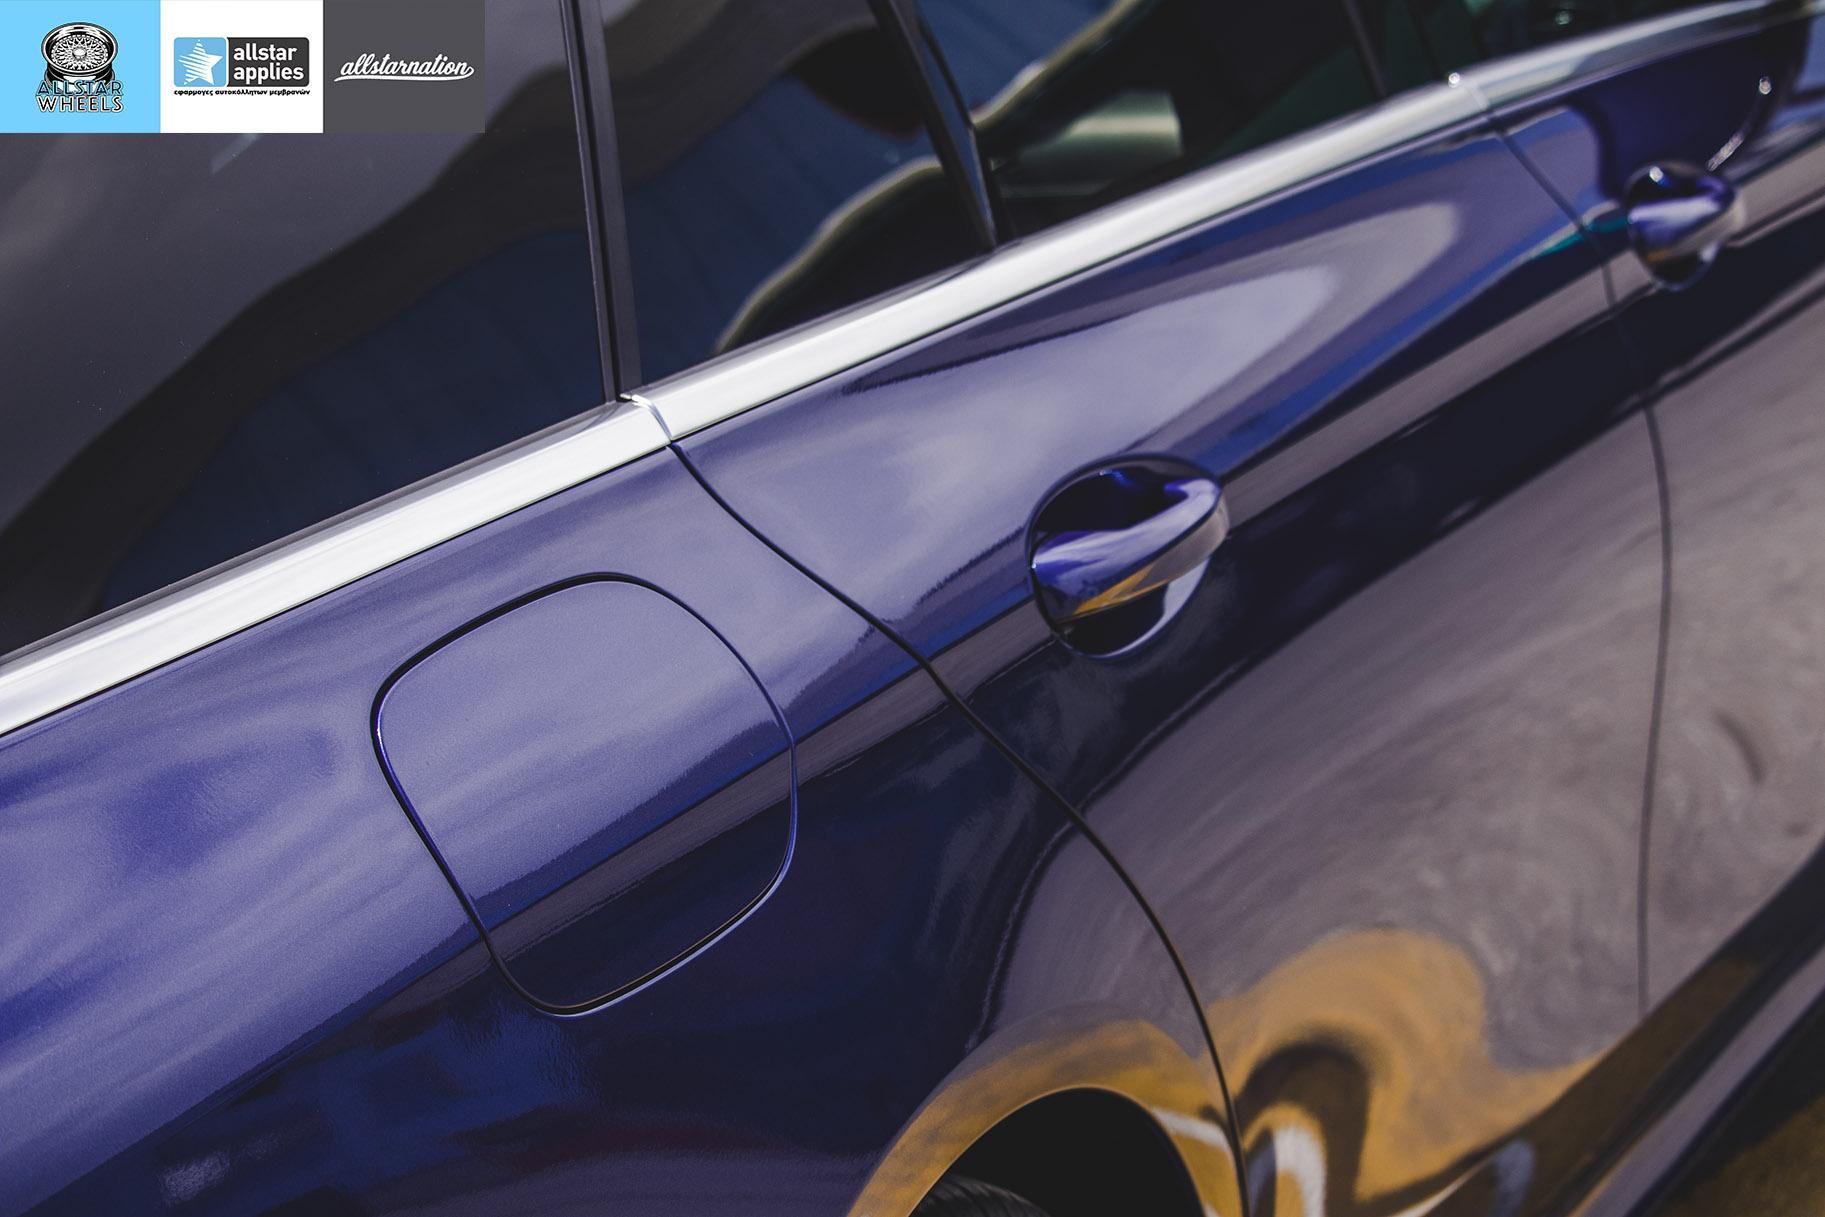 Αυτοκόλλητο αλλαγής χρώματος σε Mecedes Benz E Class AMG | Allstar Applies | Θεσσαλονίκη